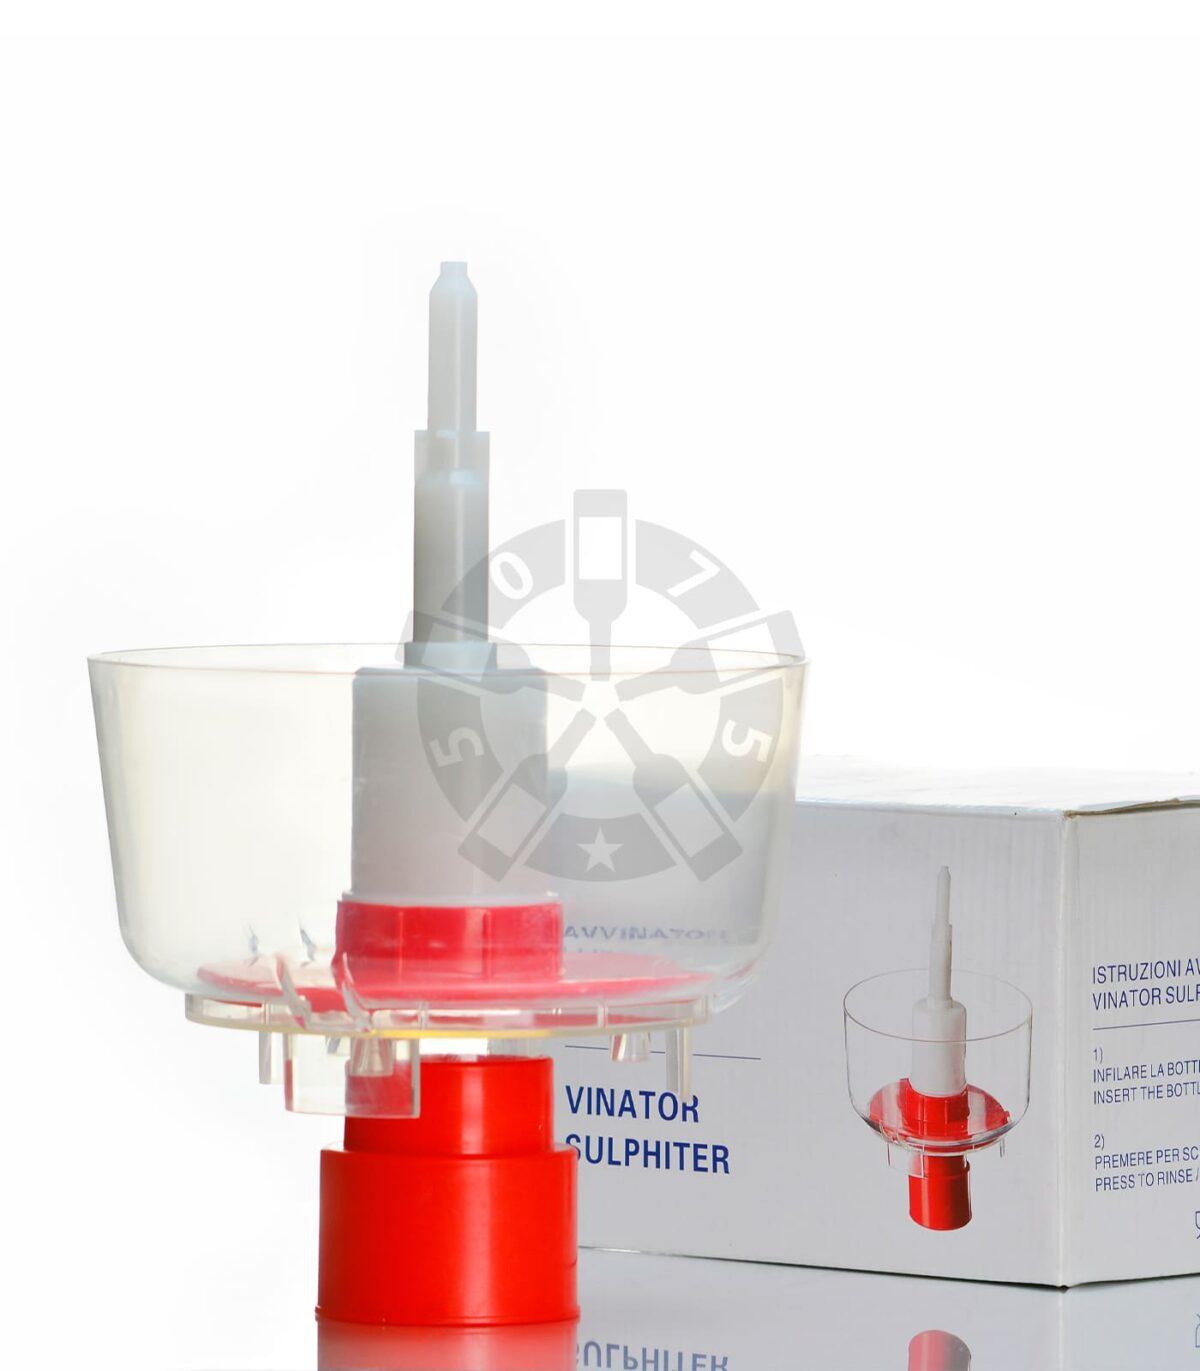 Устройство для мойки и ополаскивания бутылок, модель VINATOR